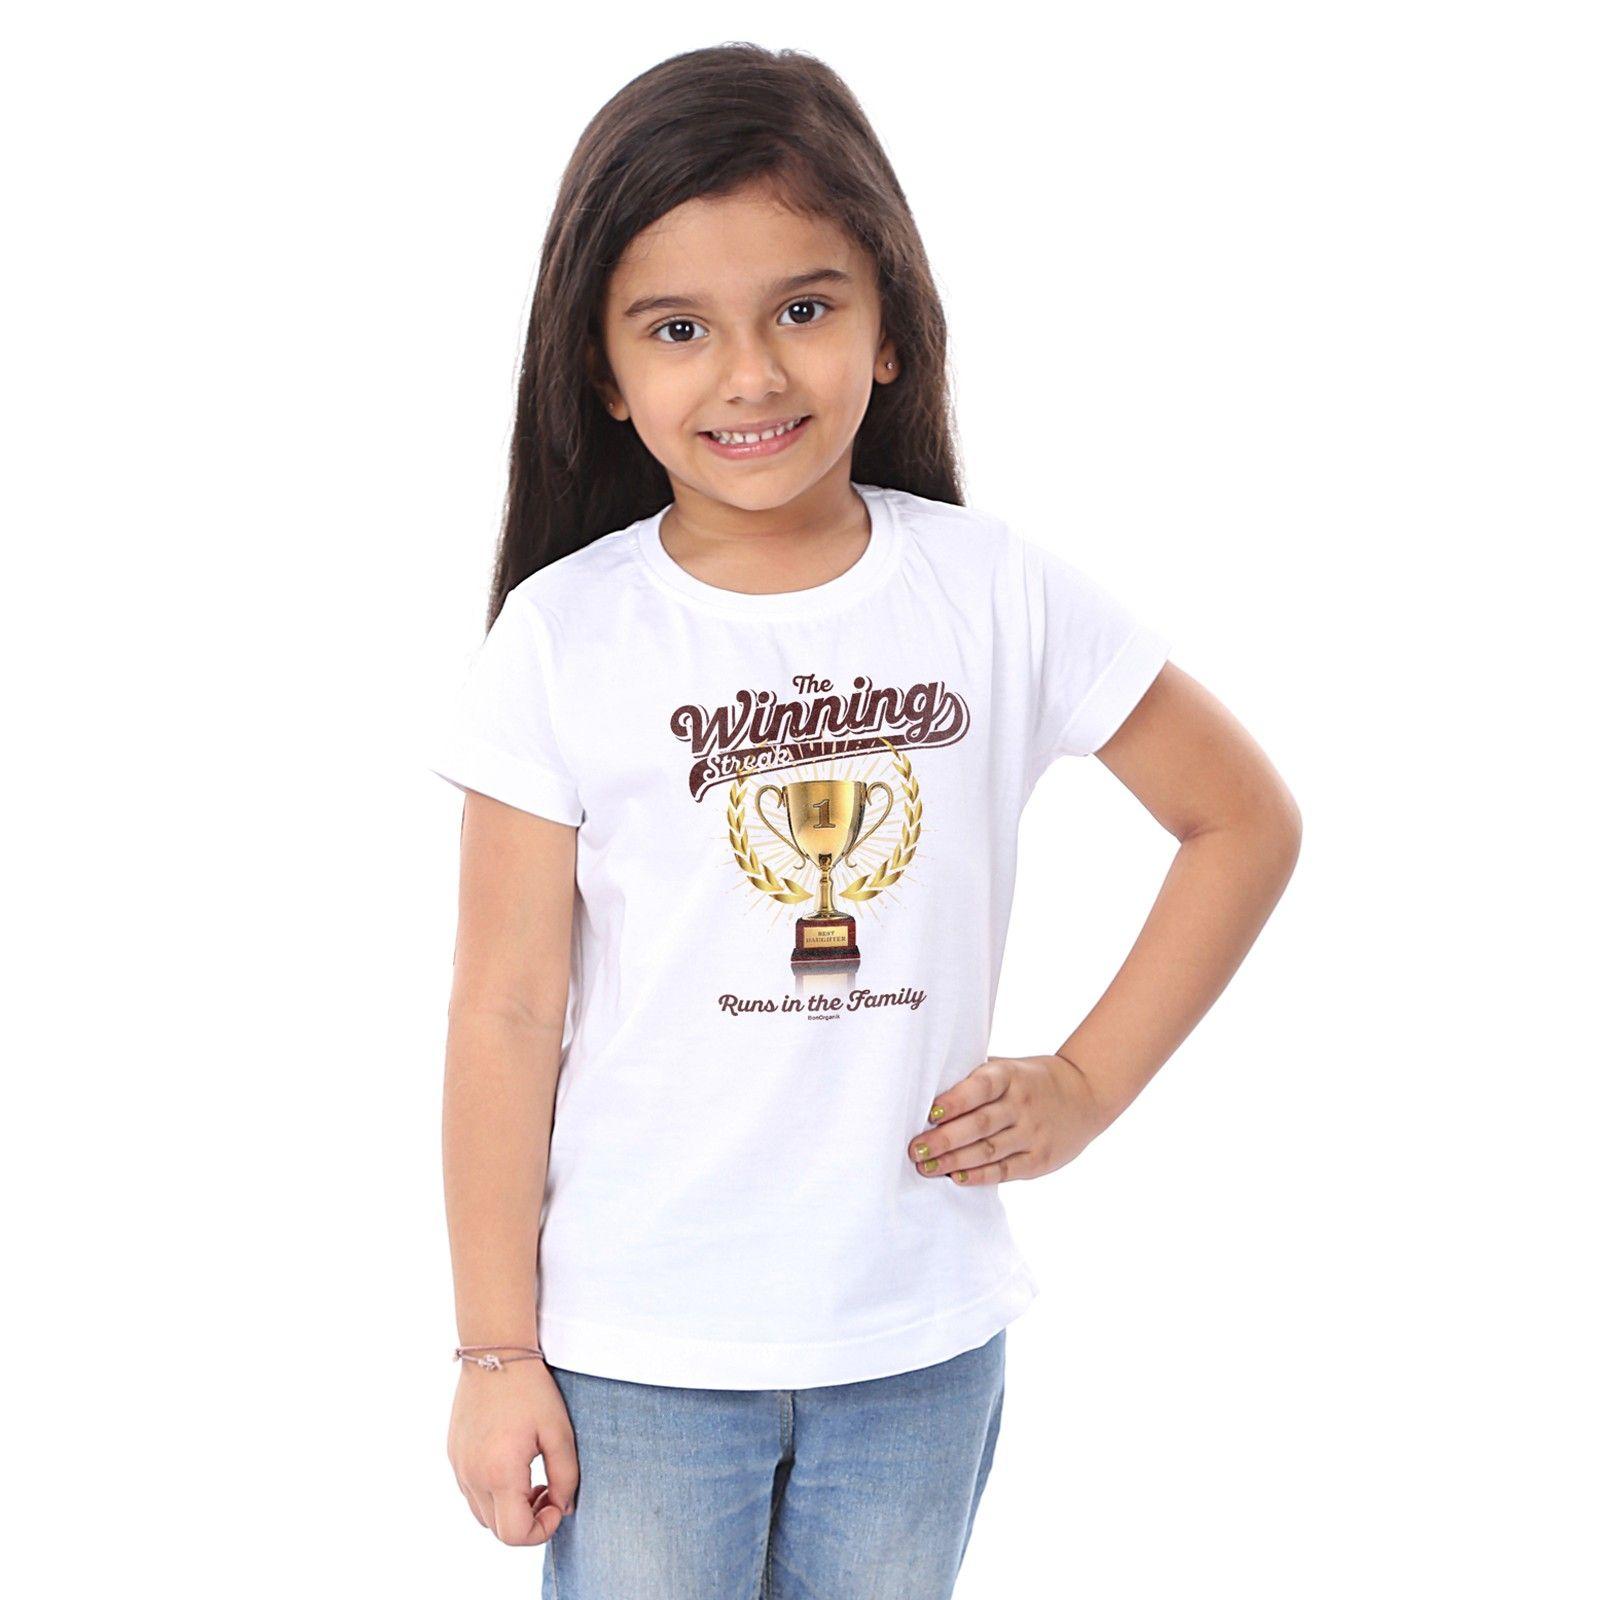 Girl's The Winning Print White T-shirt - BonOrganik